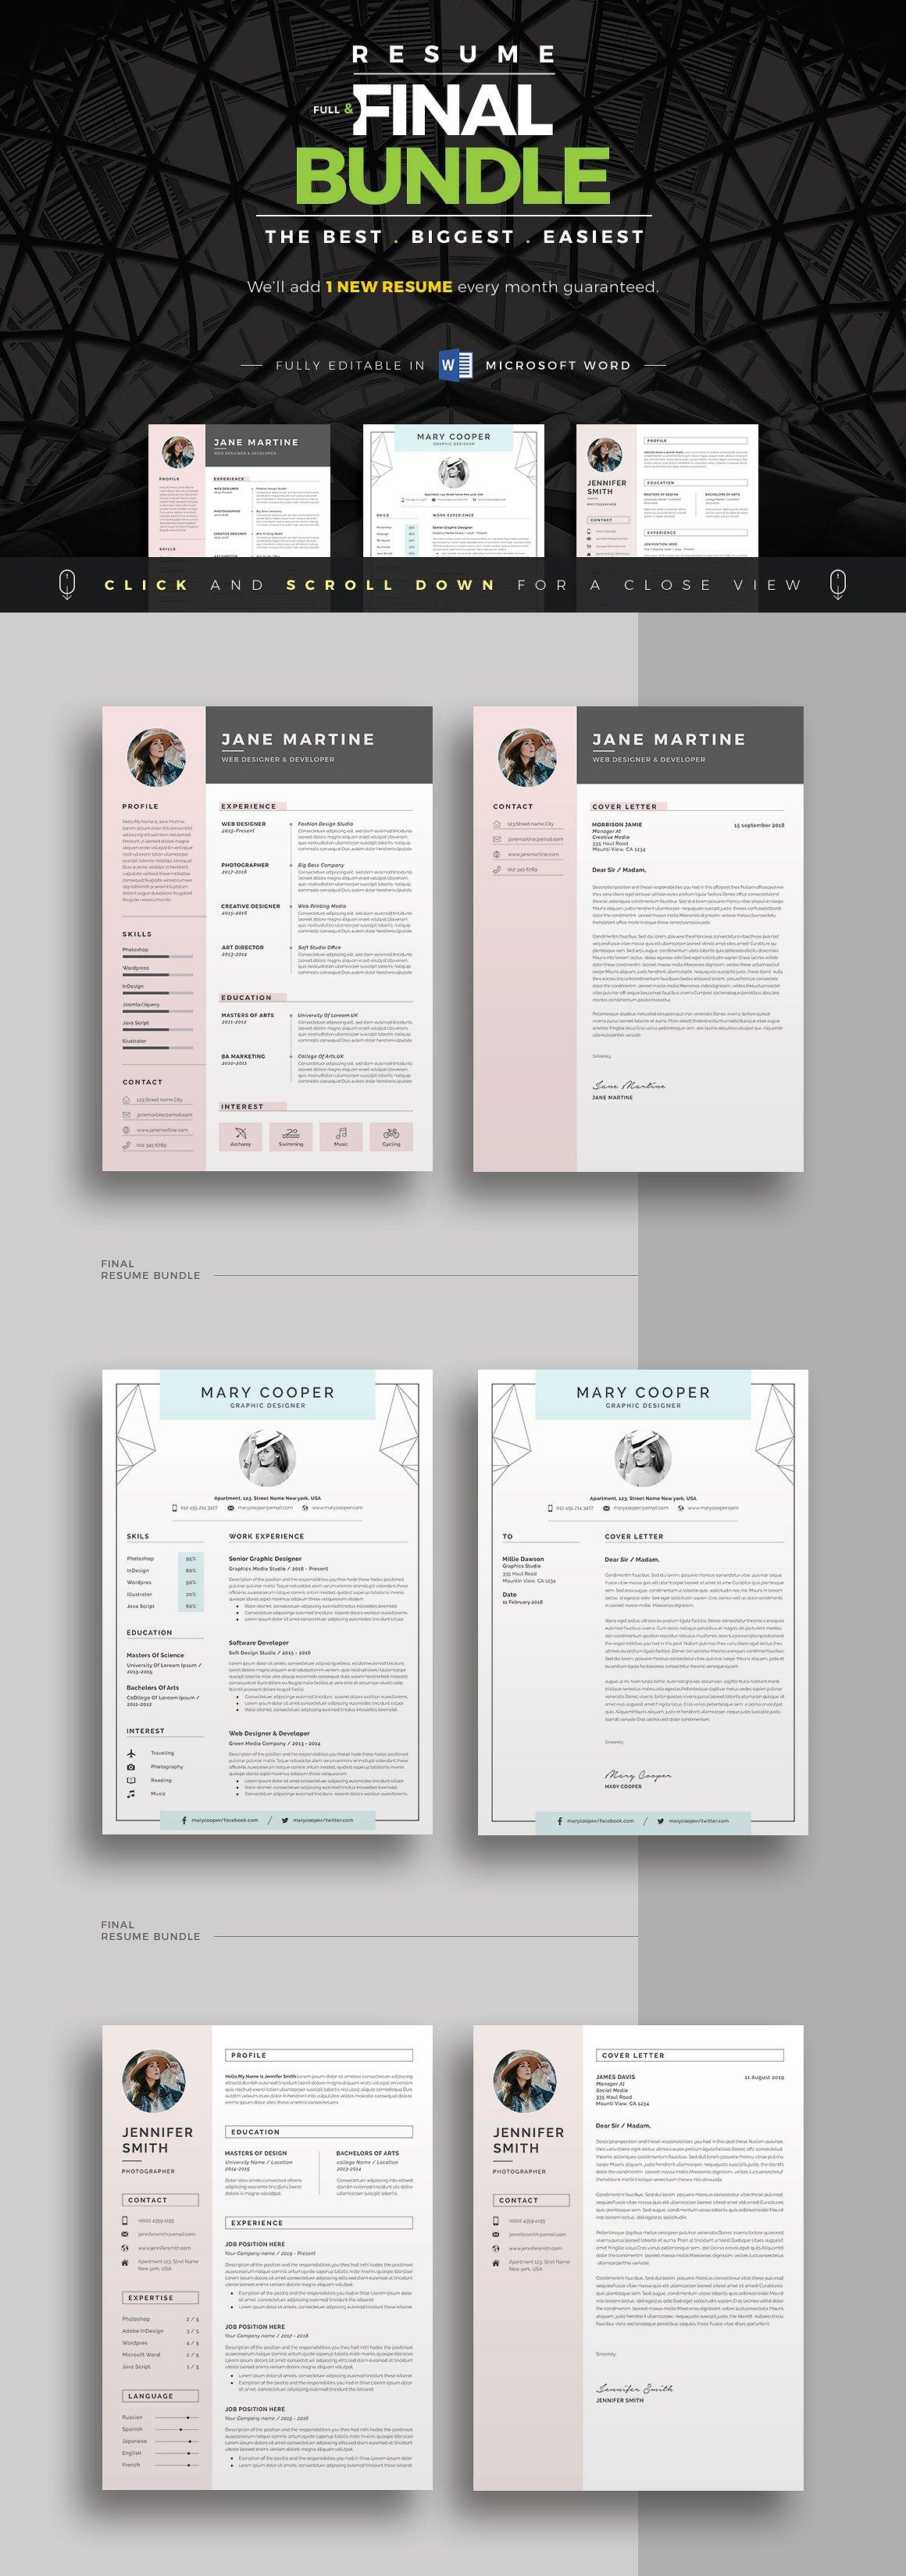 (大合辑)高品质简历设计套装 ResumeCV Full Final Bundle